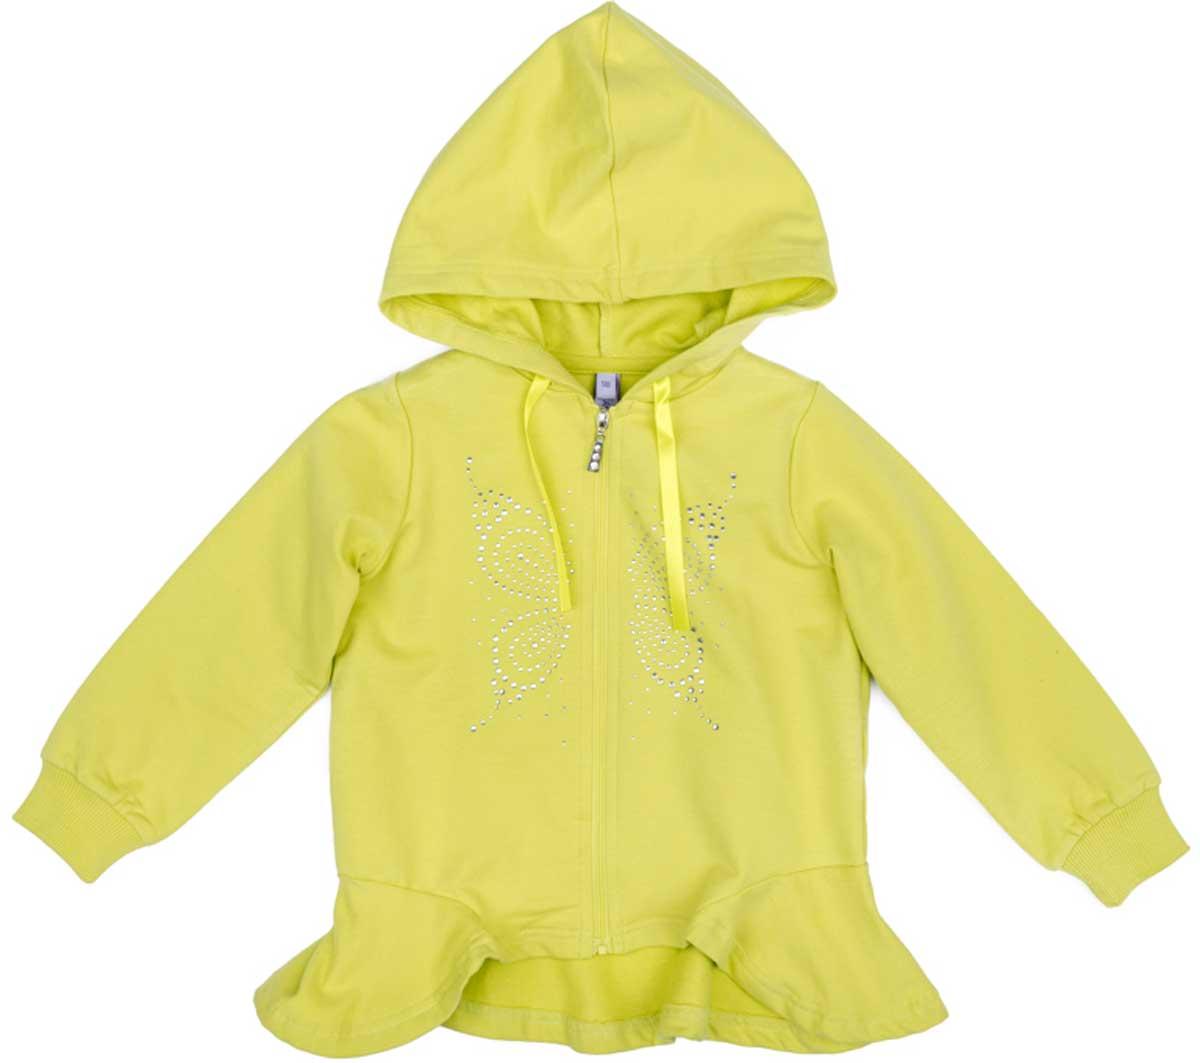 Толстовка для девочки PlayToday, цвет: светло-желтый. 172113. Размер 104172113Толстовка PlayToday из натурального материала на застежке - молнии прекрасно подойдет для прохладной погоды. Манжеты отделаны мягкими резинками. Необычный крой изделия понравится вашему ребенку. Модель с капюшоном, который регулируется шнуром - кулиской.